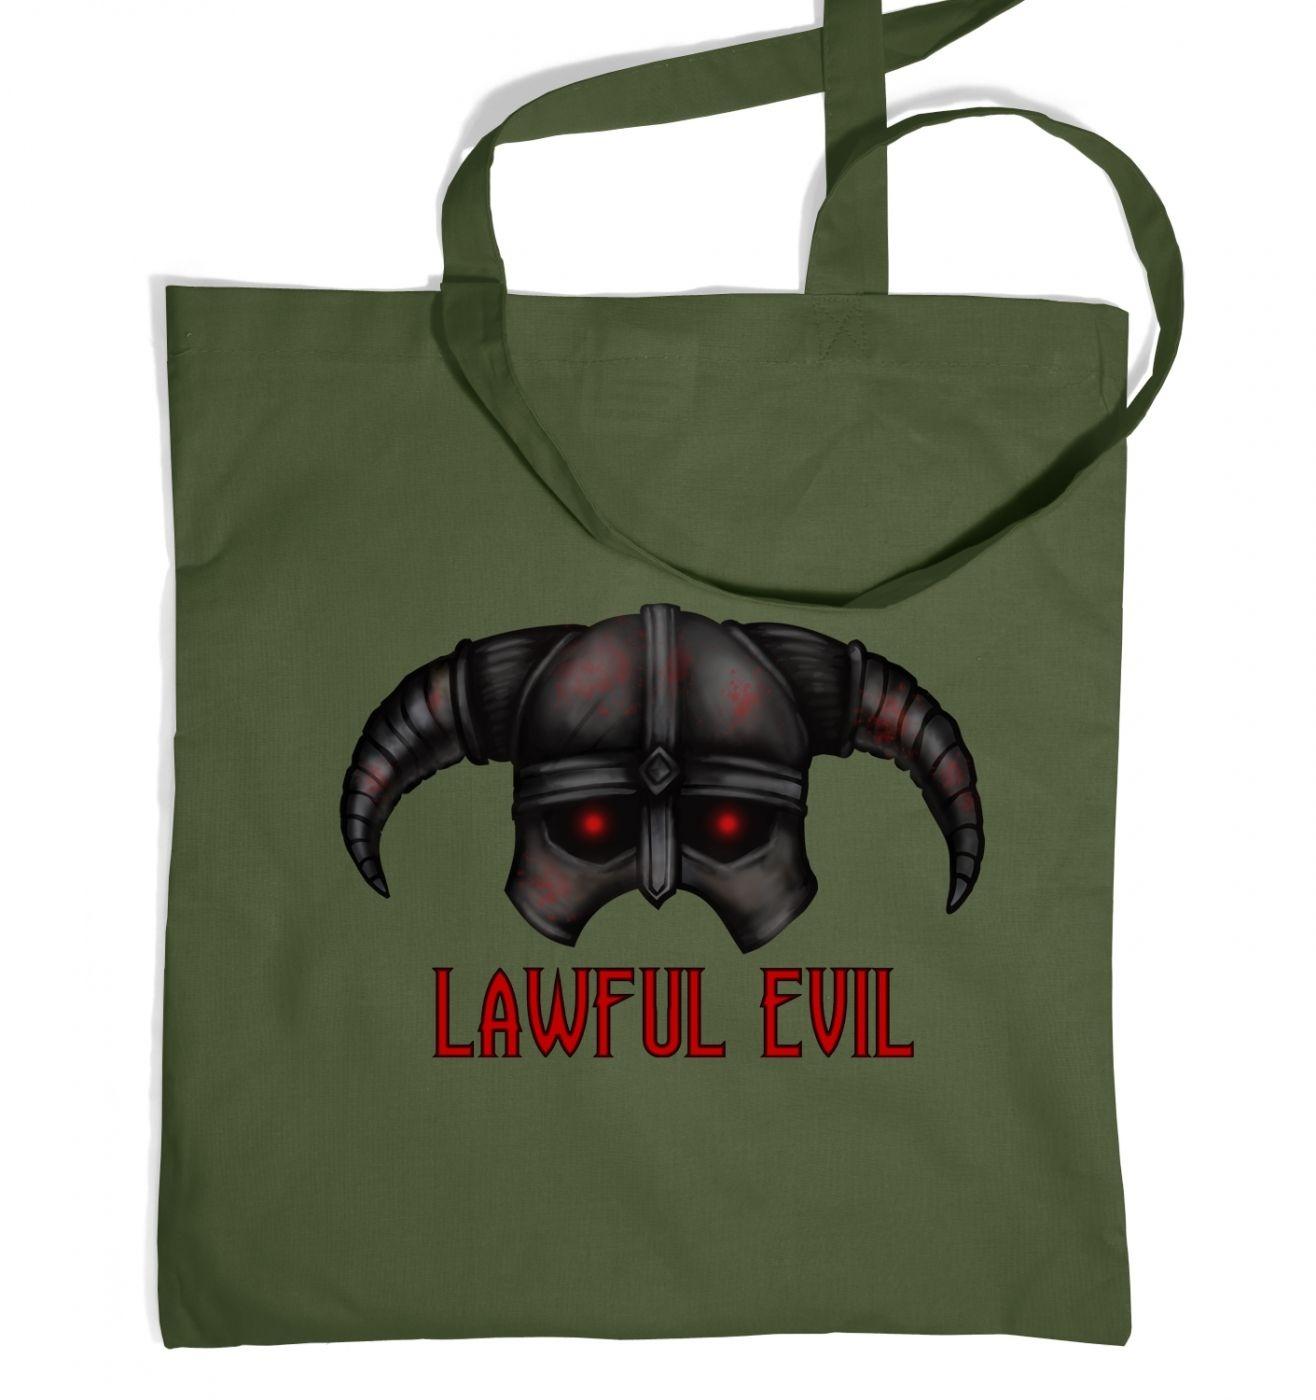 Lawful Evil tote bag